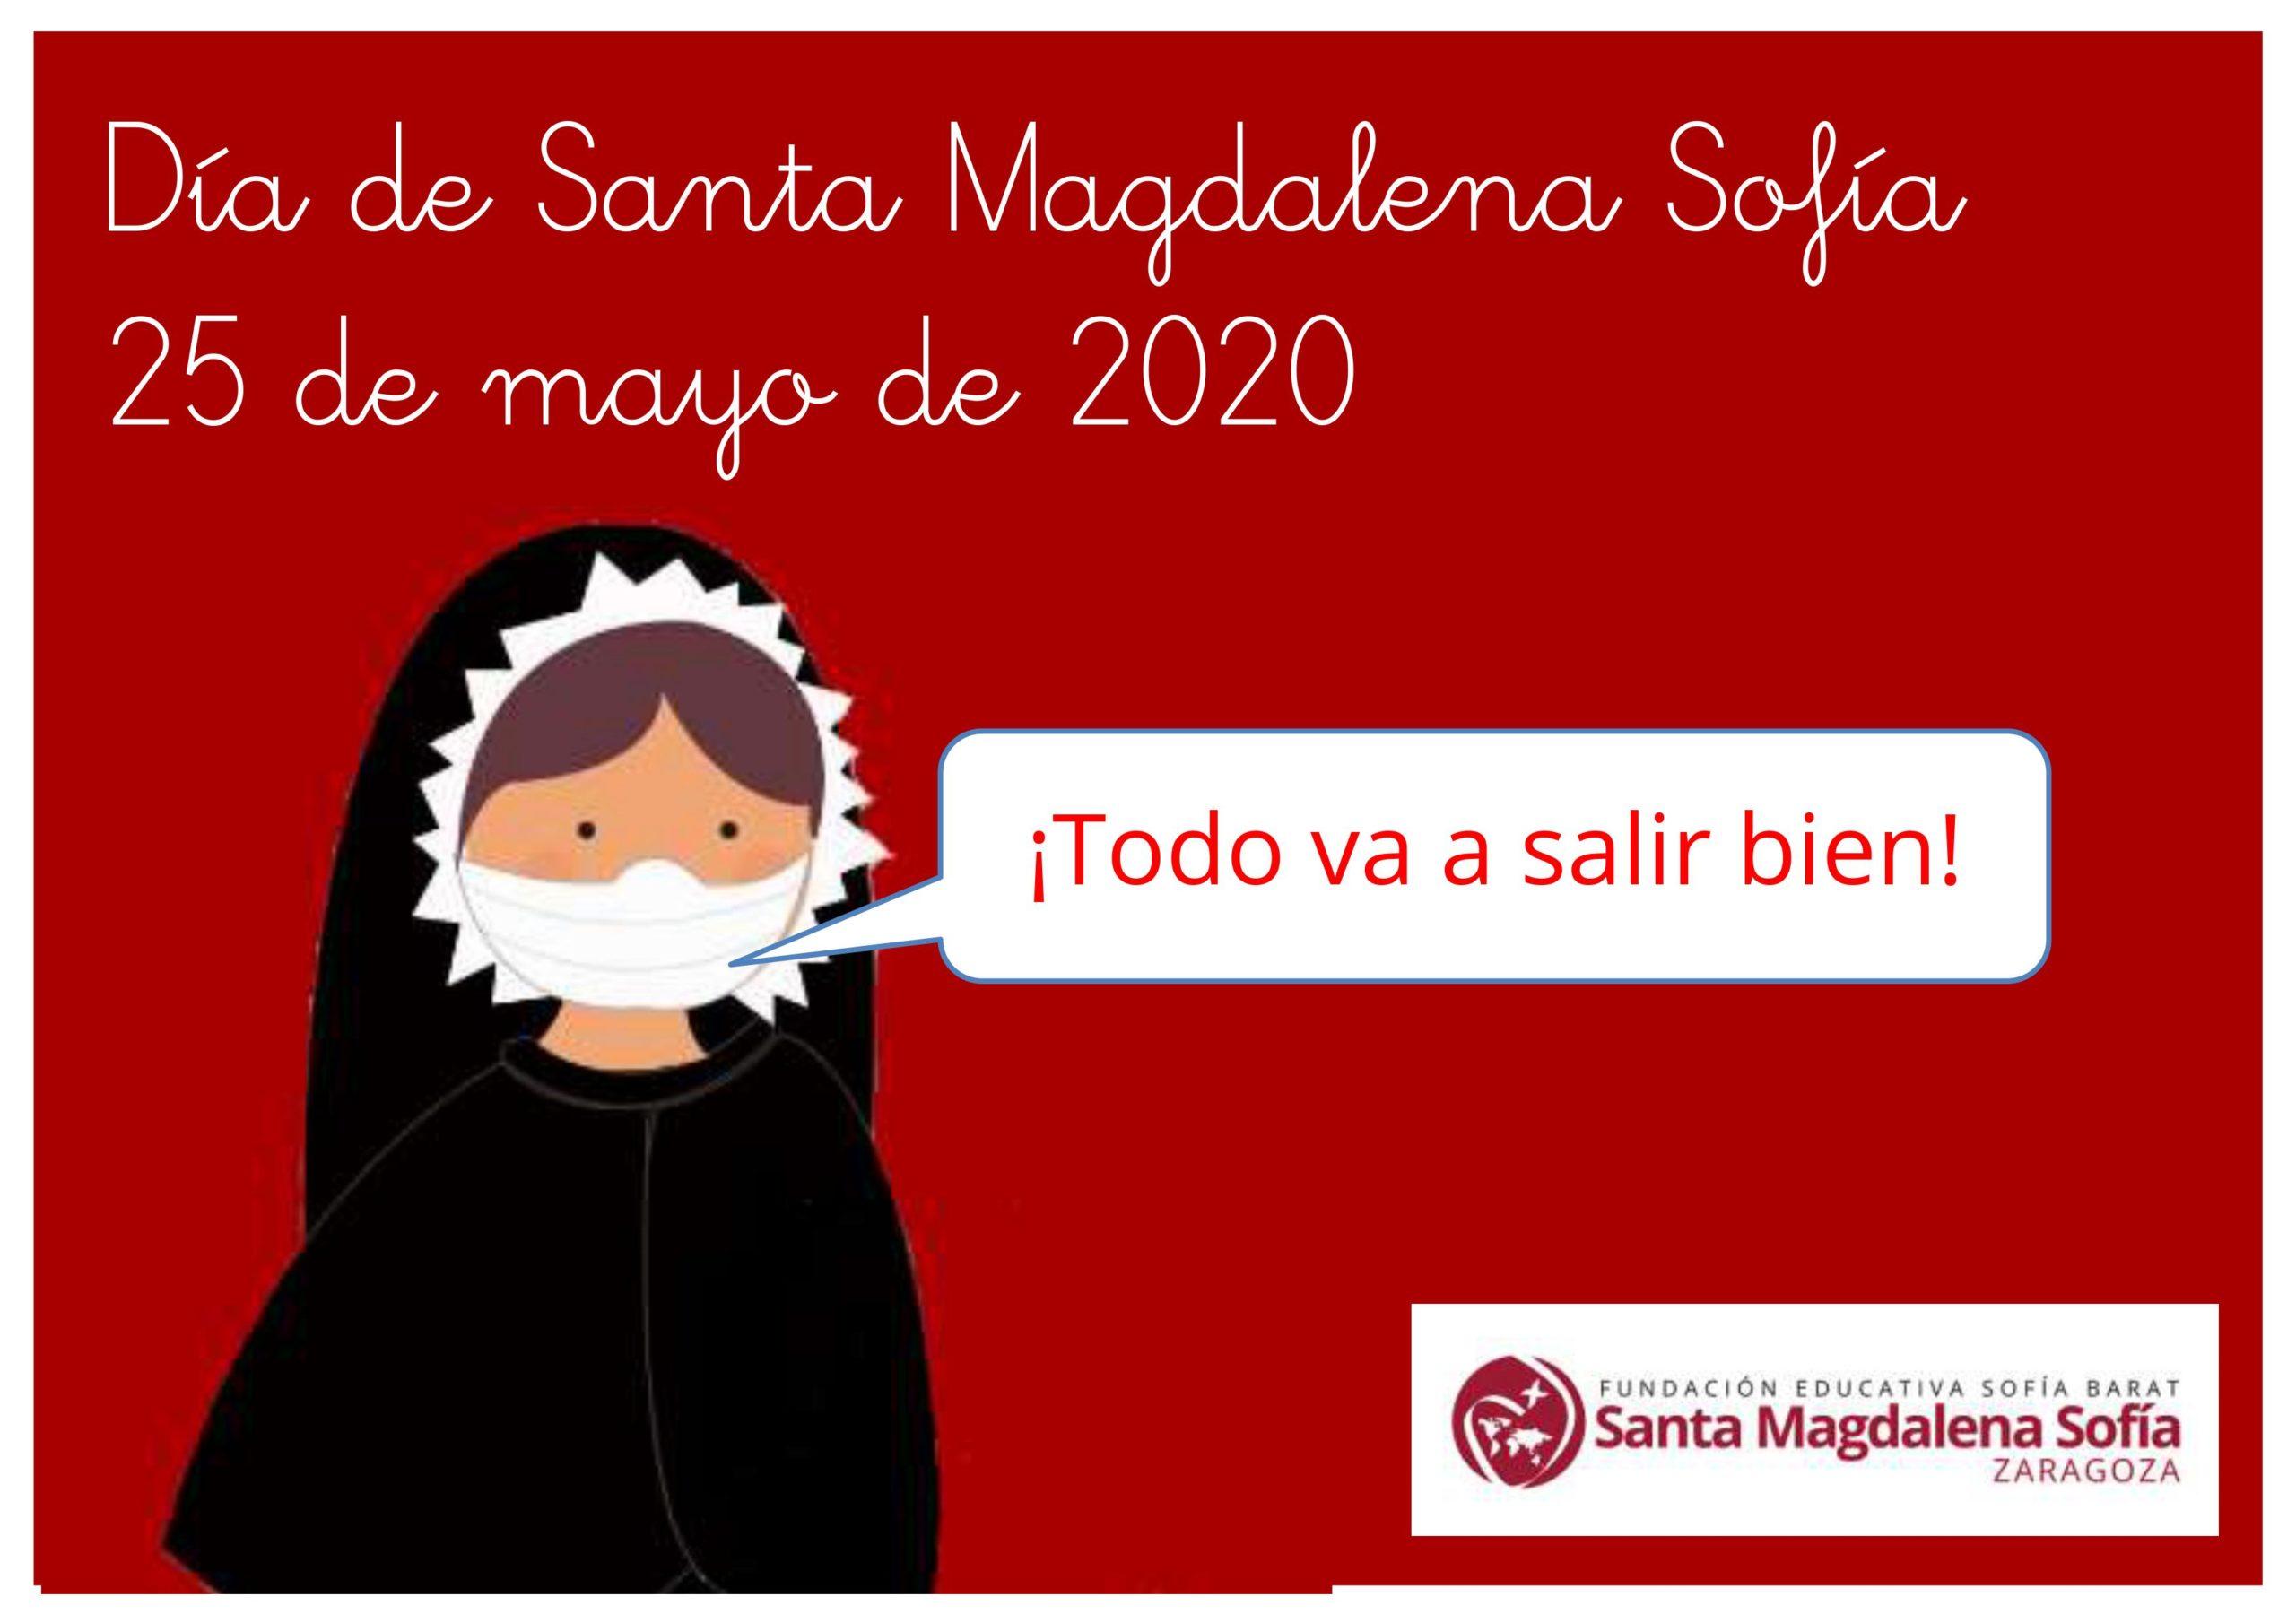 Fiesta de Santa Magdalena Sofía